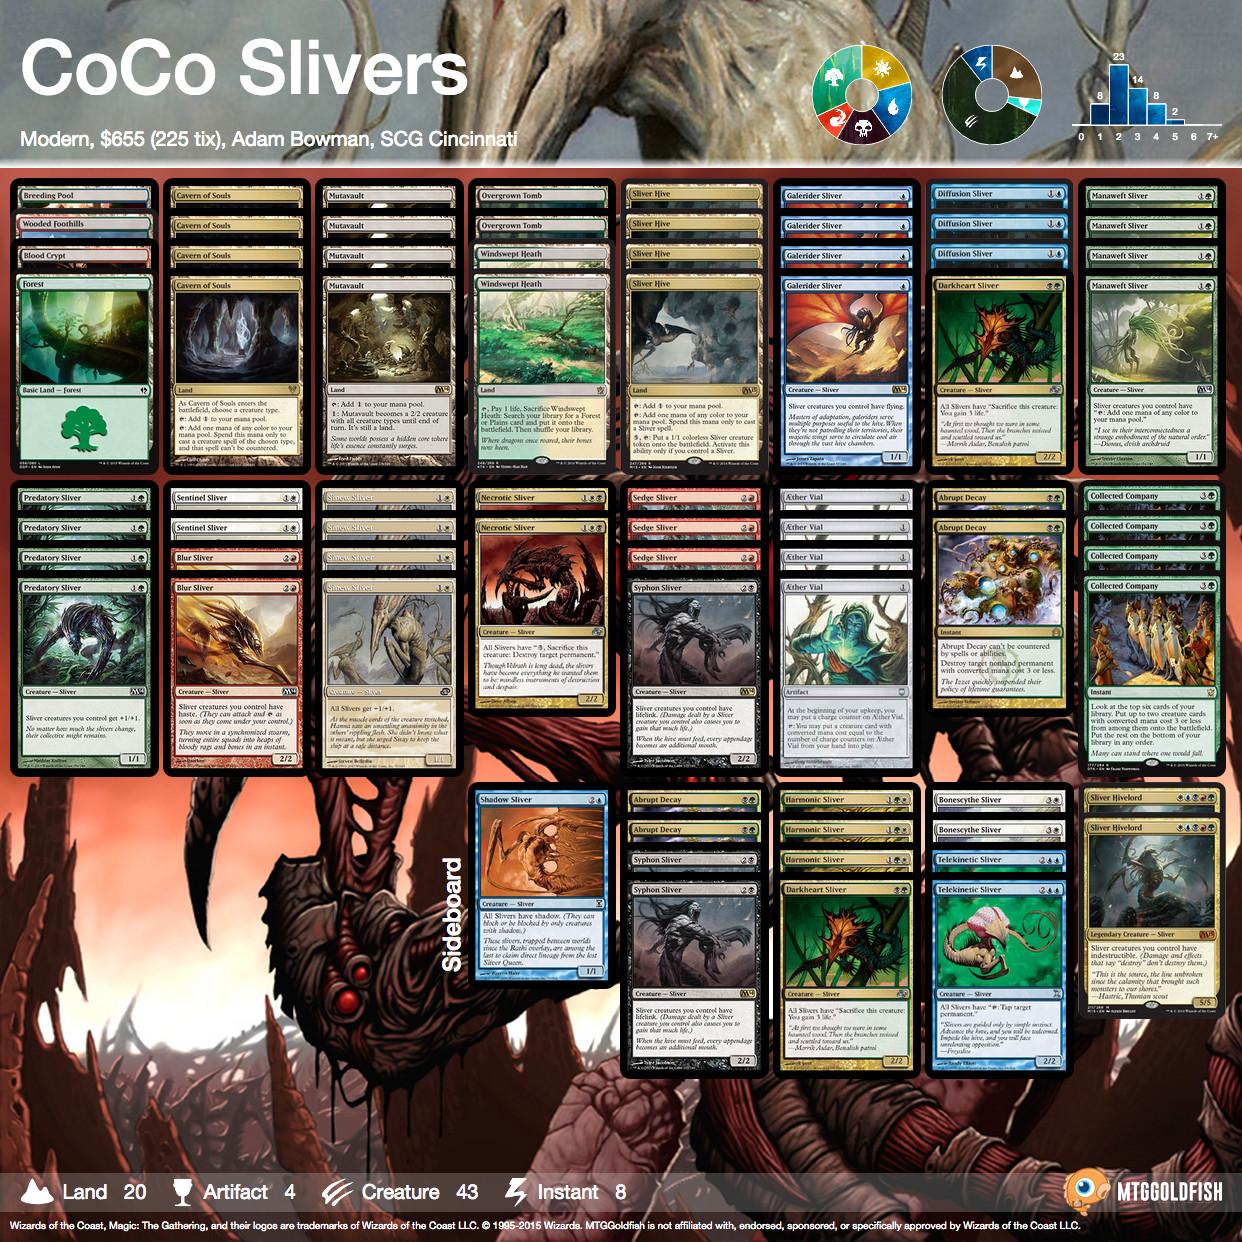 Cocoslivers